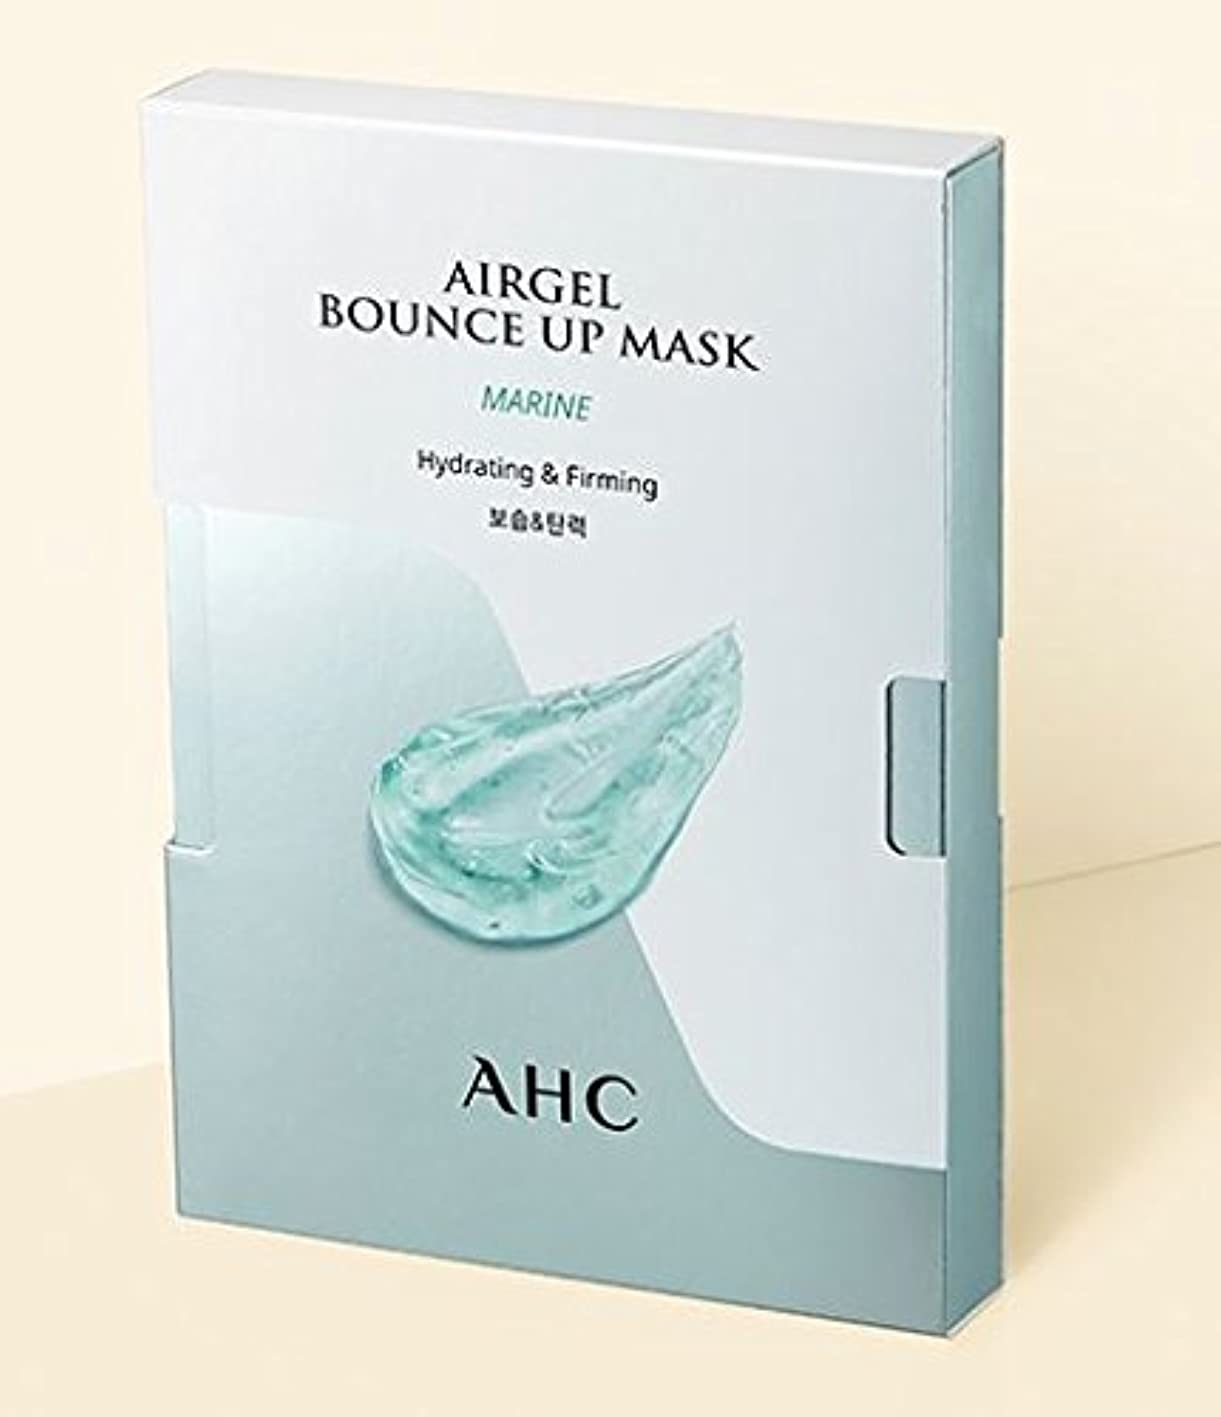 夫アルミニウム練習[A.H.C] Airgel Bounce Up Mask MARINE (Hydrating&Firming)30g*5sheet/マリンエアゲルマスク30g*5枚 [並行輸入品]